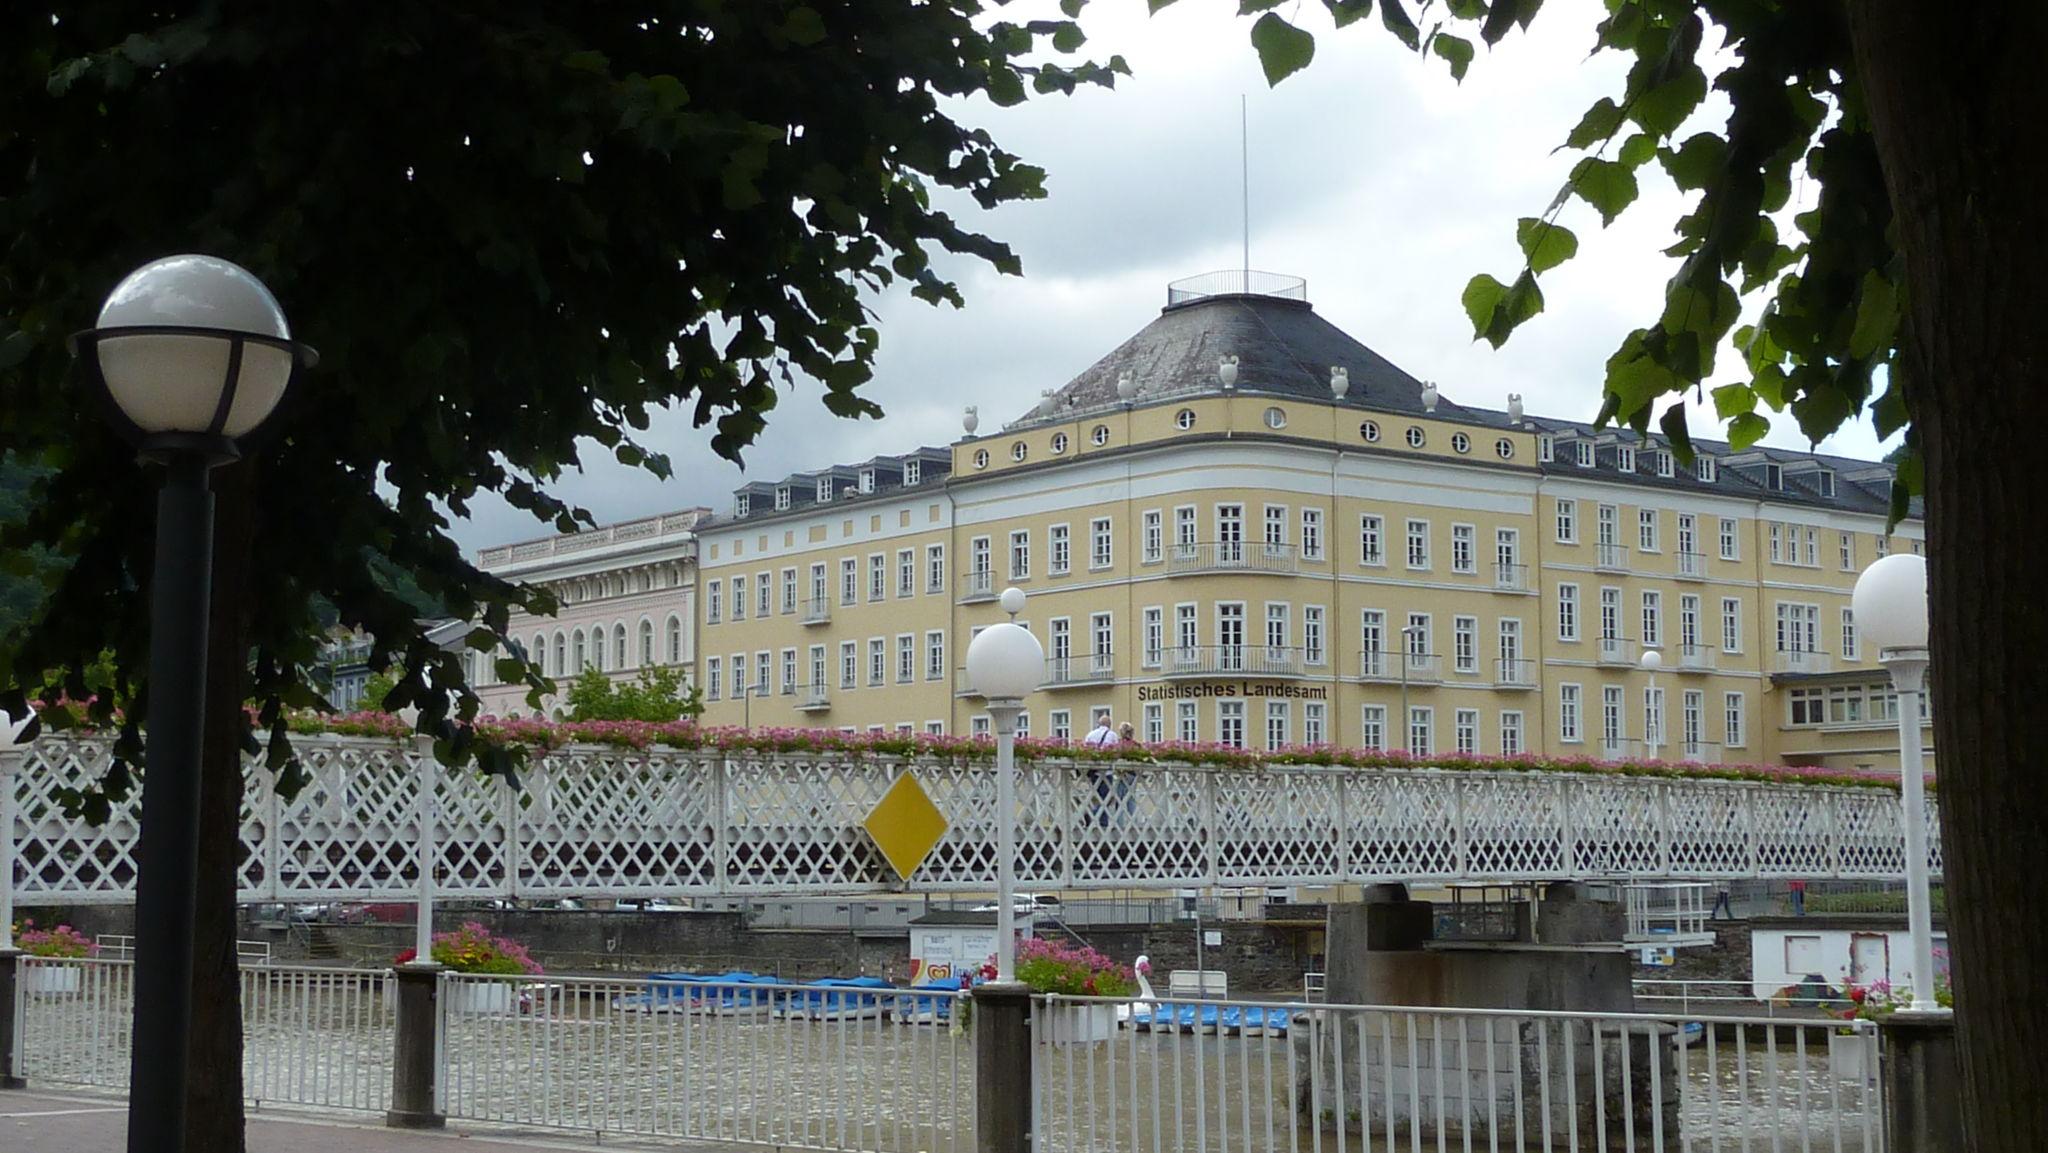 Foto: Warburg, via Wikimedia. Diese Datei ist unter der Creative Commons-Lizenz Namensnennung-Weitergabe unter gleichen Bedingungen 3.0 Unported lizenziert.